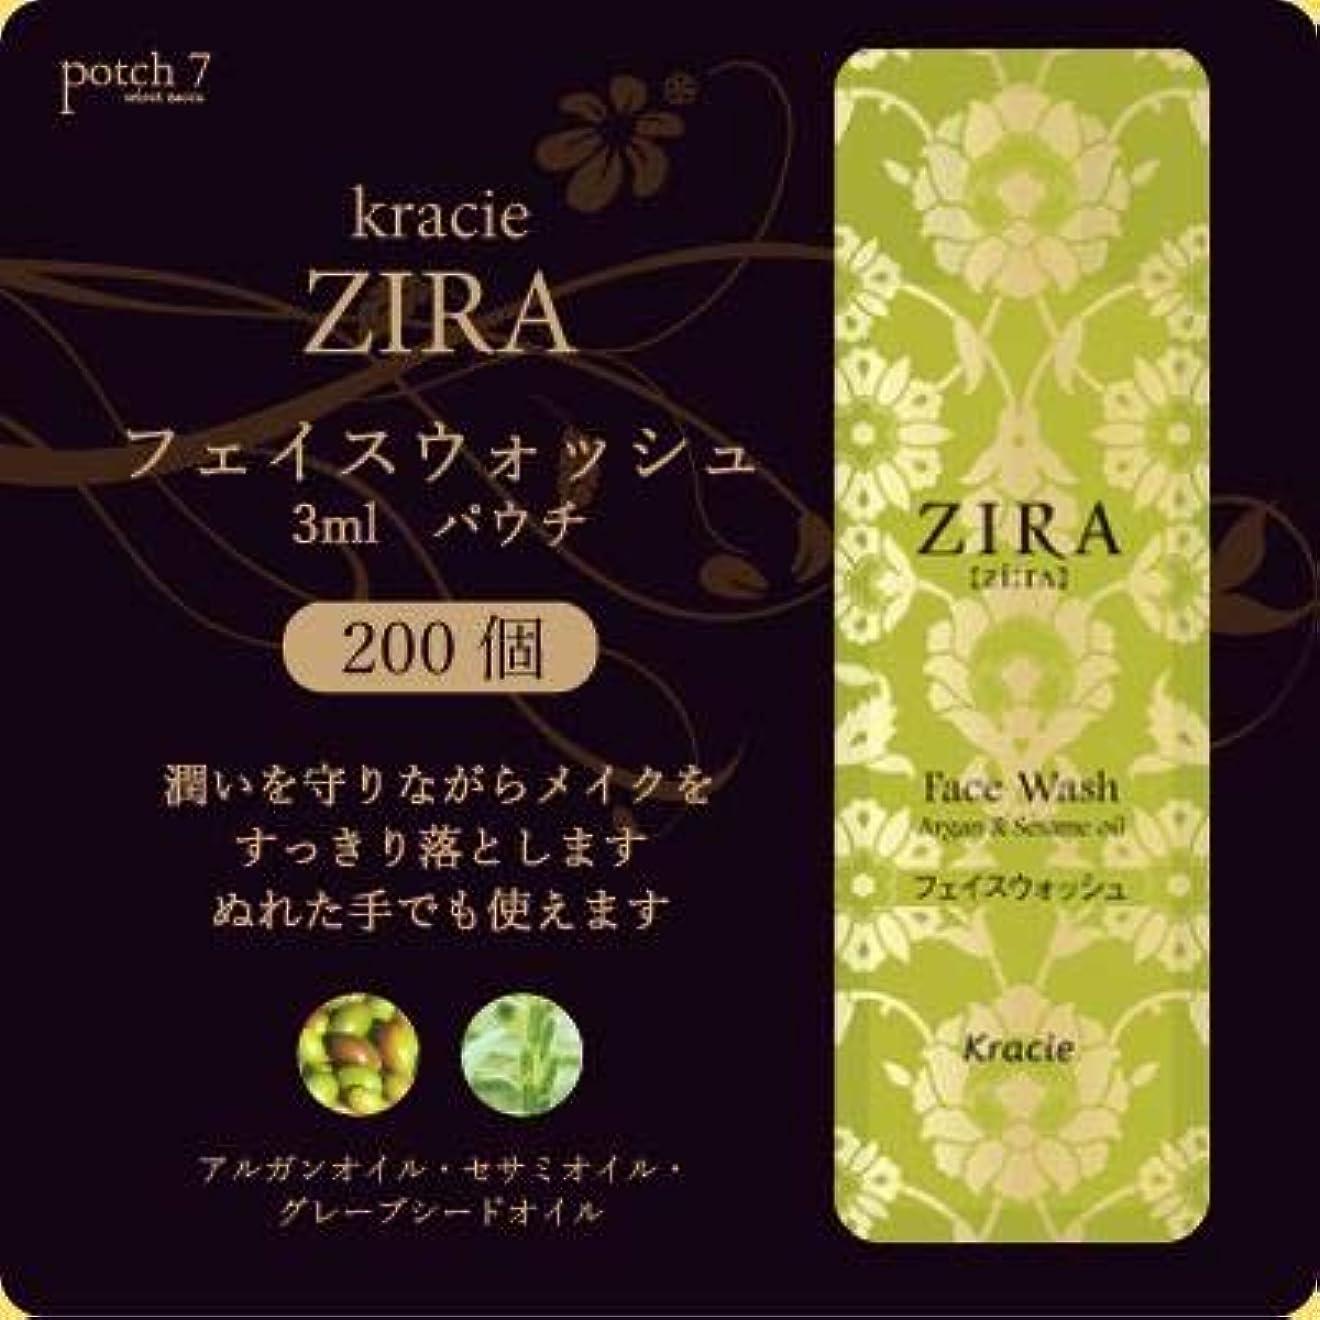 ケーブル無意味在庫Kracie クラシエ ZIRA ジーラ フェイスウオッシュ 洗顔 パウチ 3ml 200個入